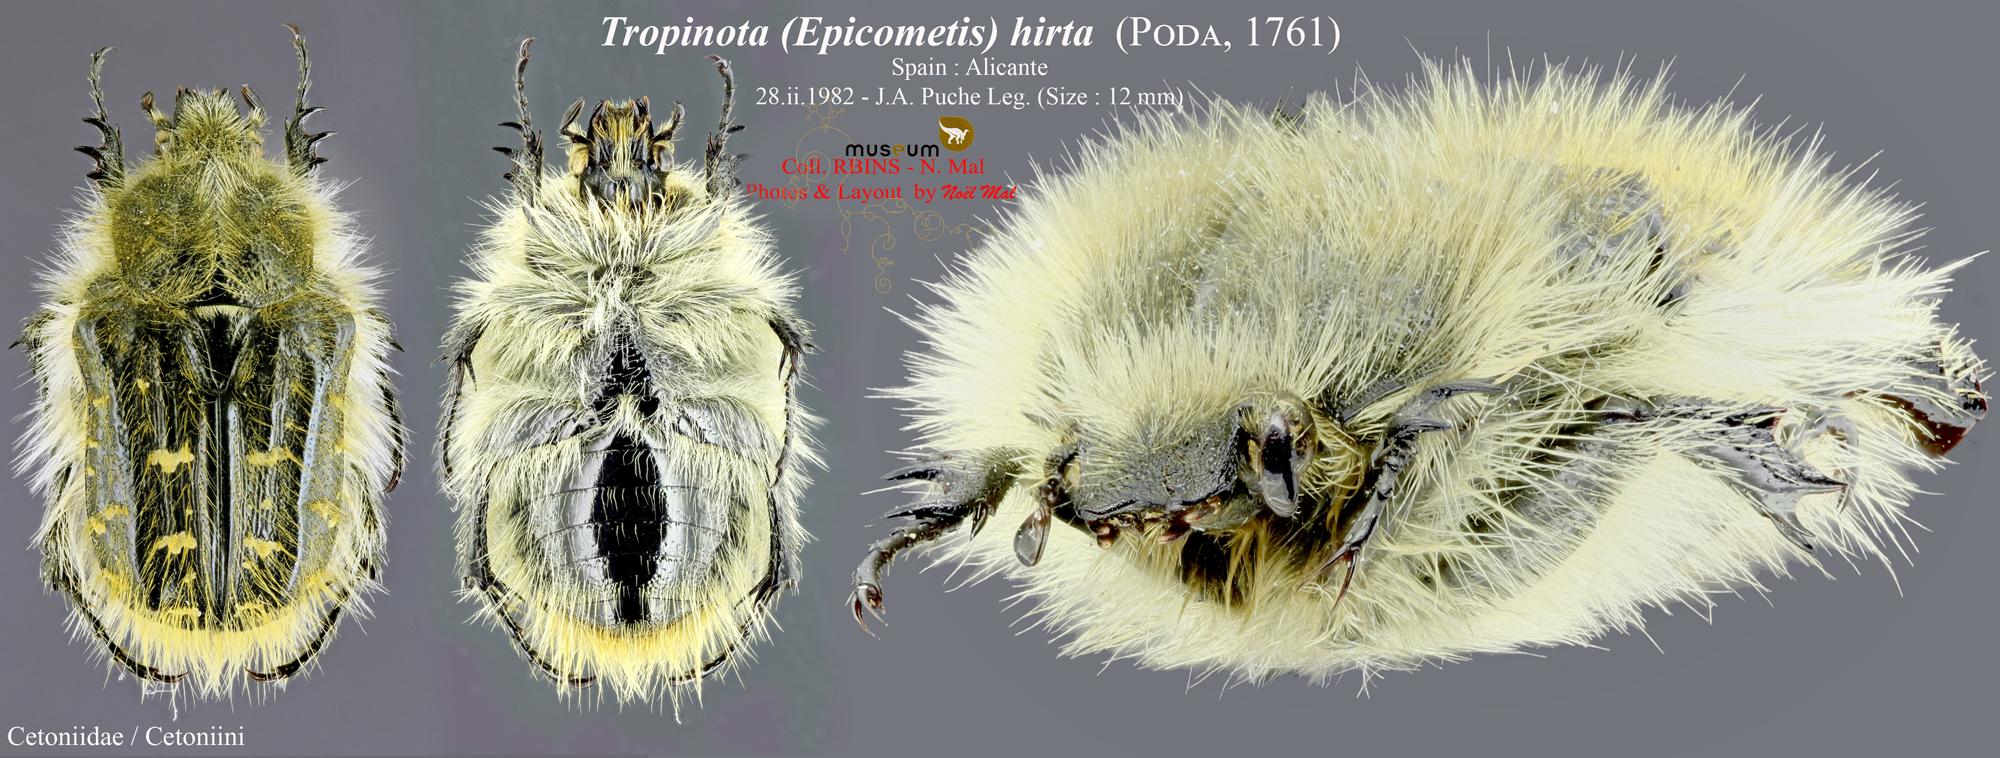 Tropinota (Epicometis) hirta.jpg